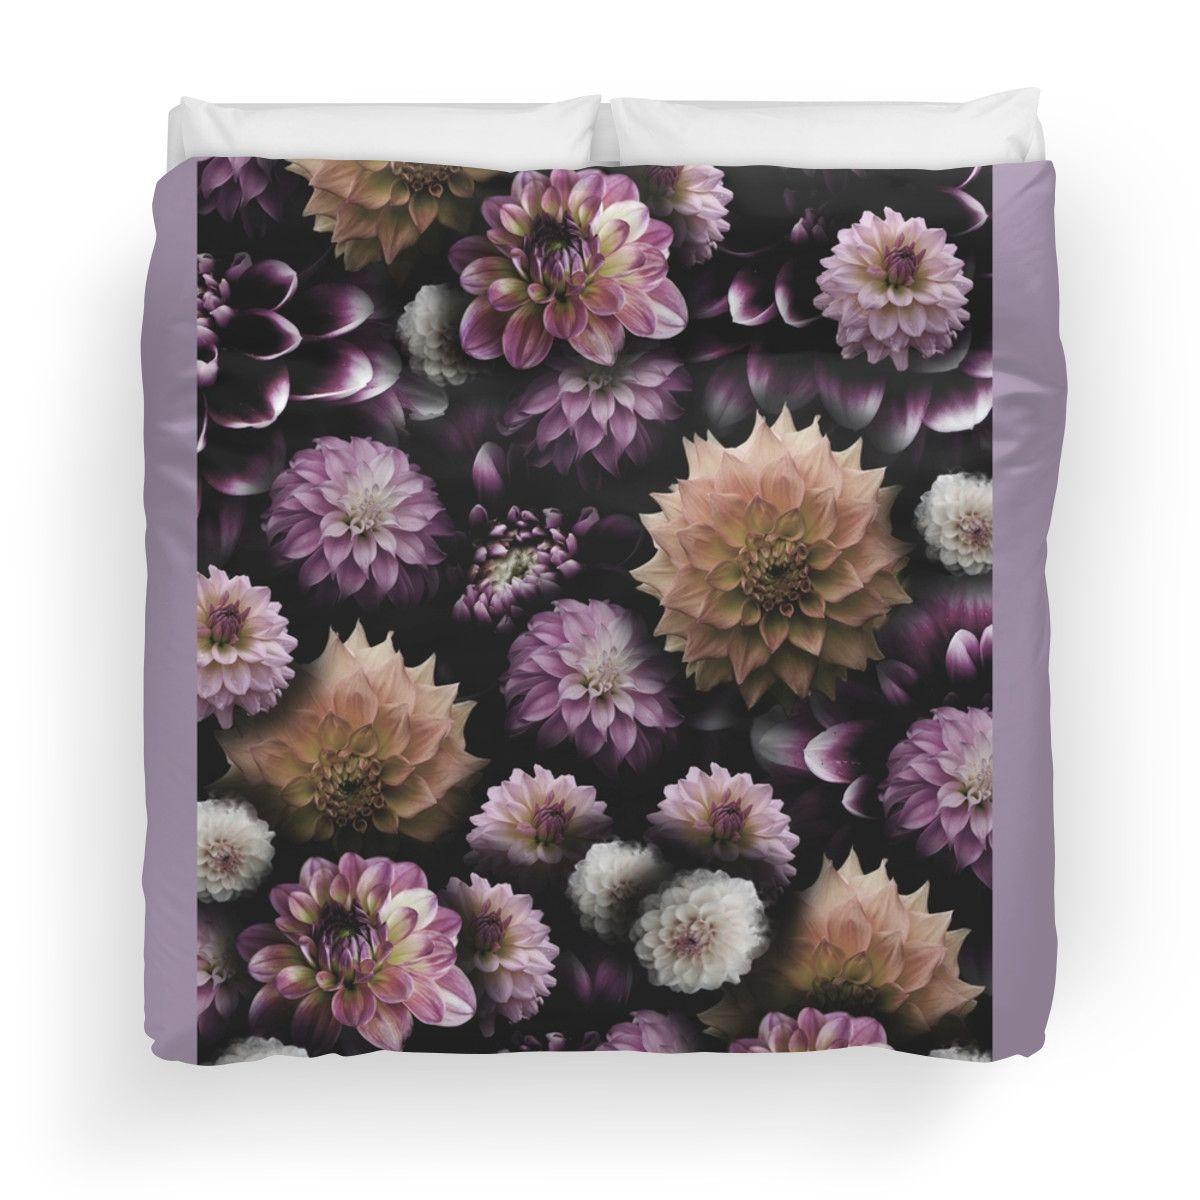 Cream and Lavender Dahlia Collage